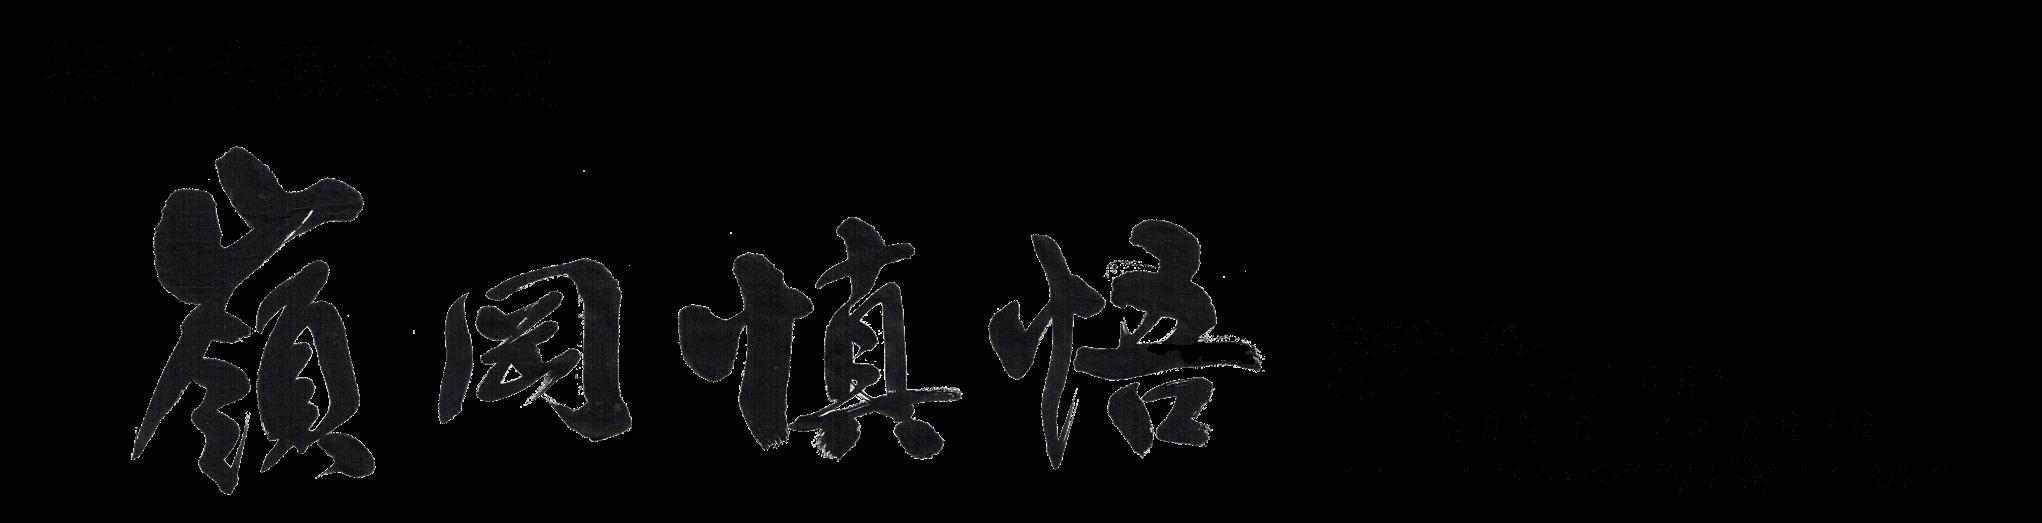 掛川市議会議員 嶺岡慎悟